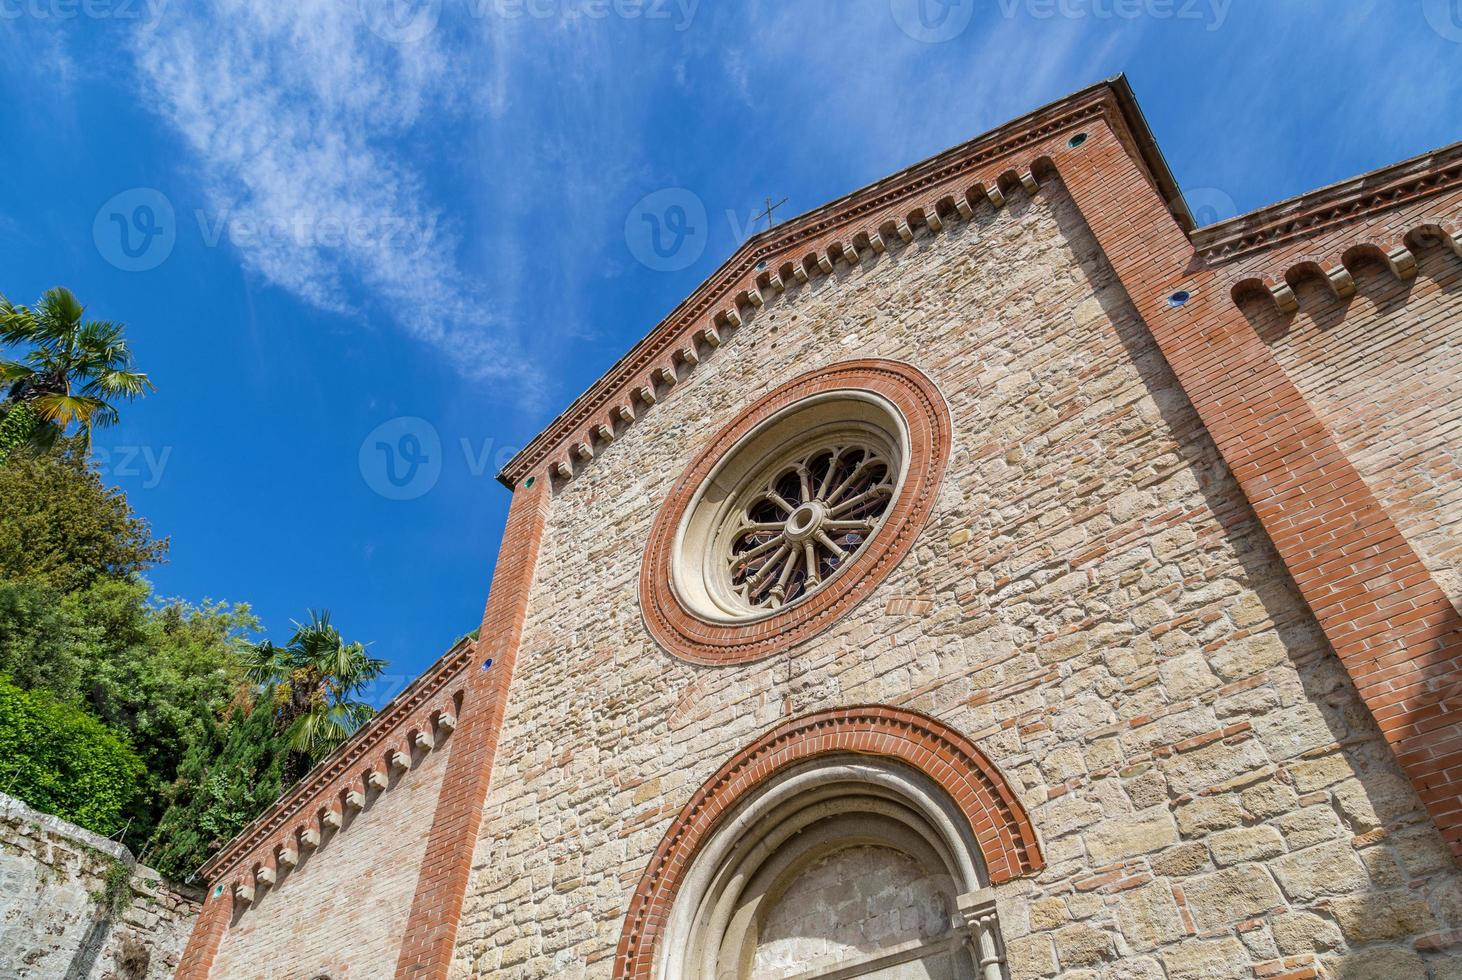 facciata della xiv chiesa parrocchiale cattolica in italia foto